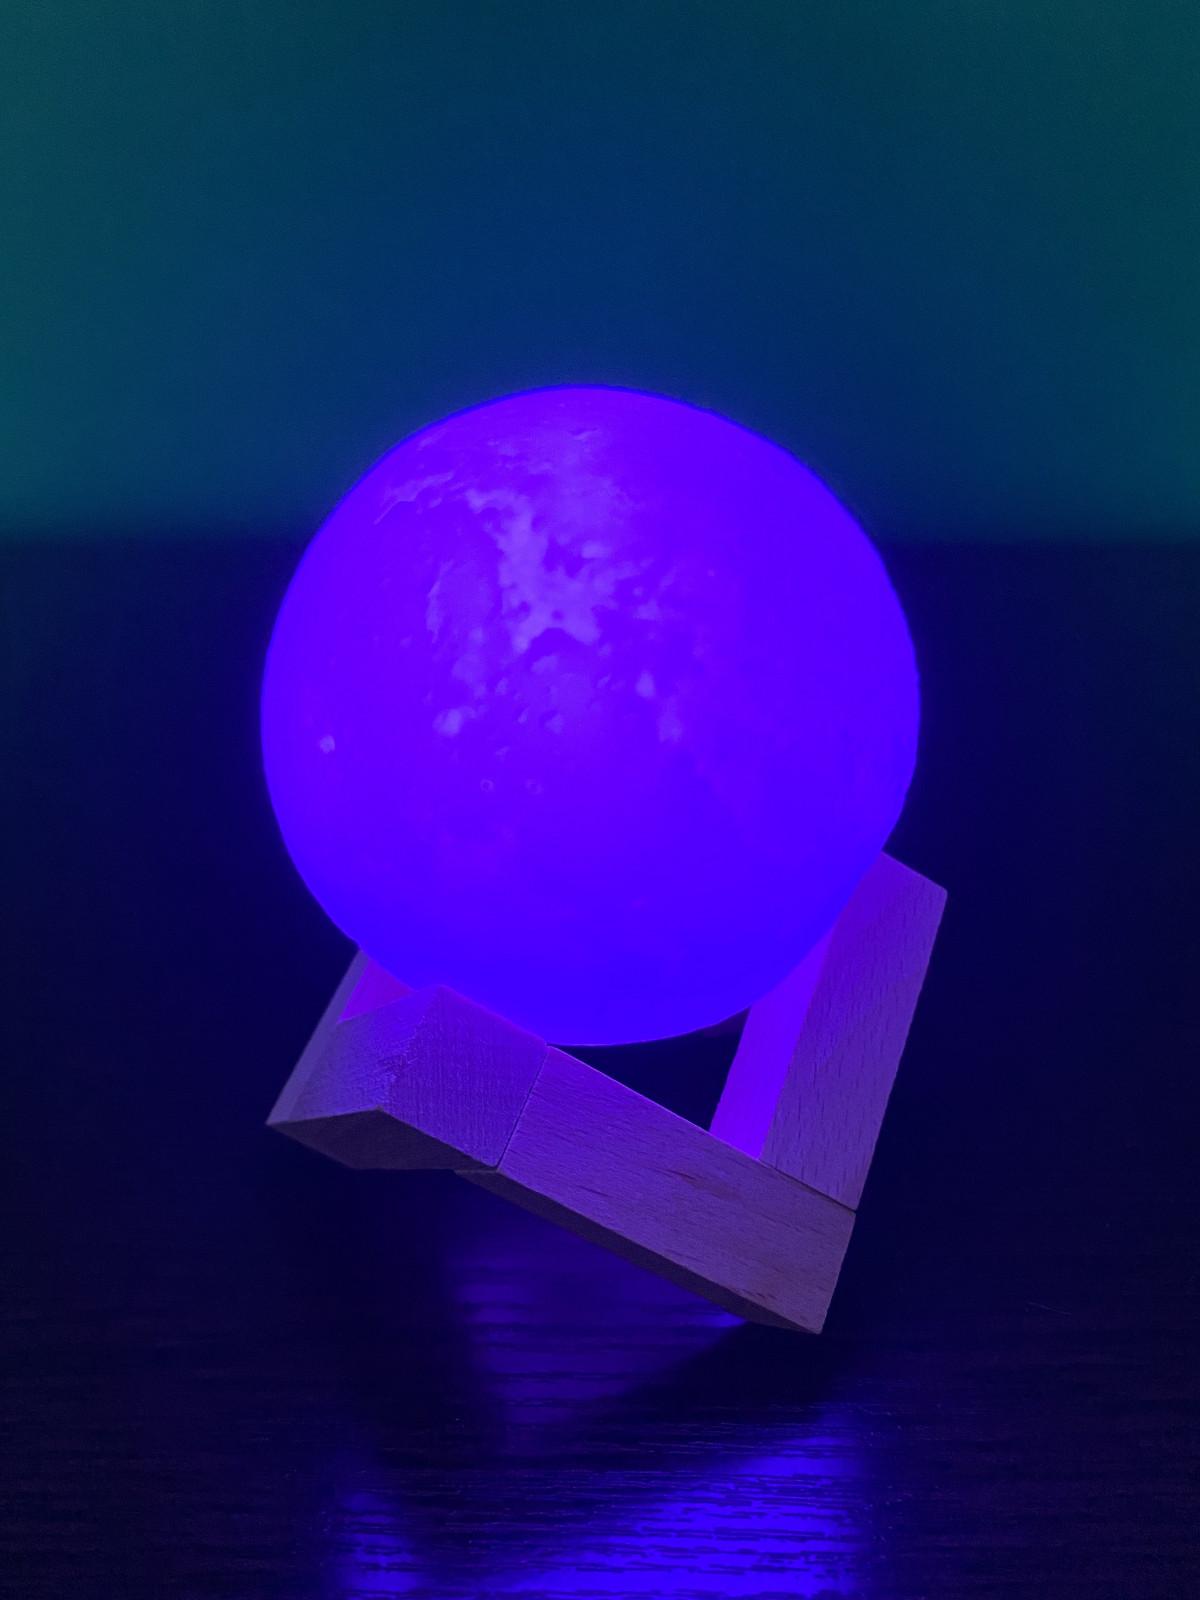 ЛЕД лампа Лунная лампа